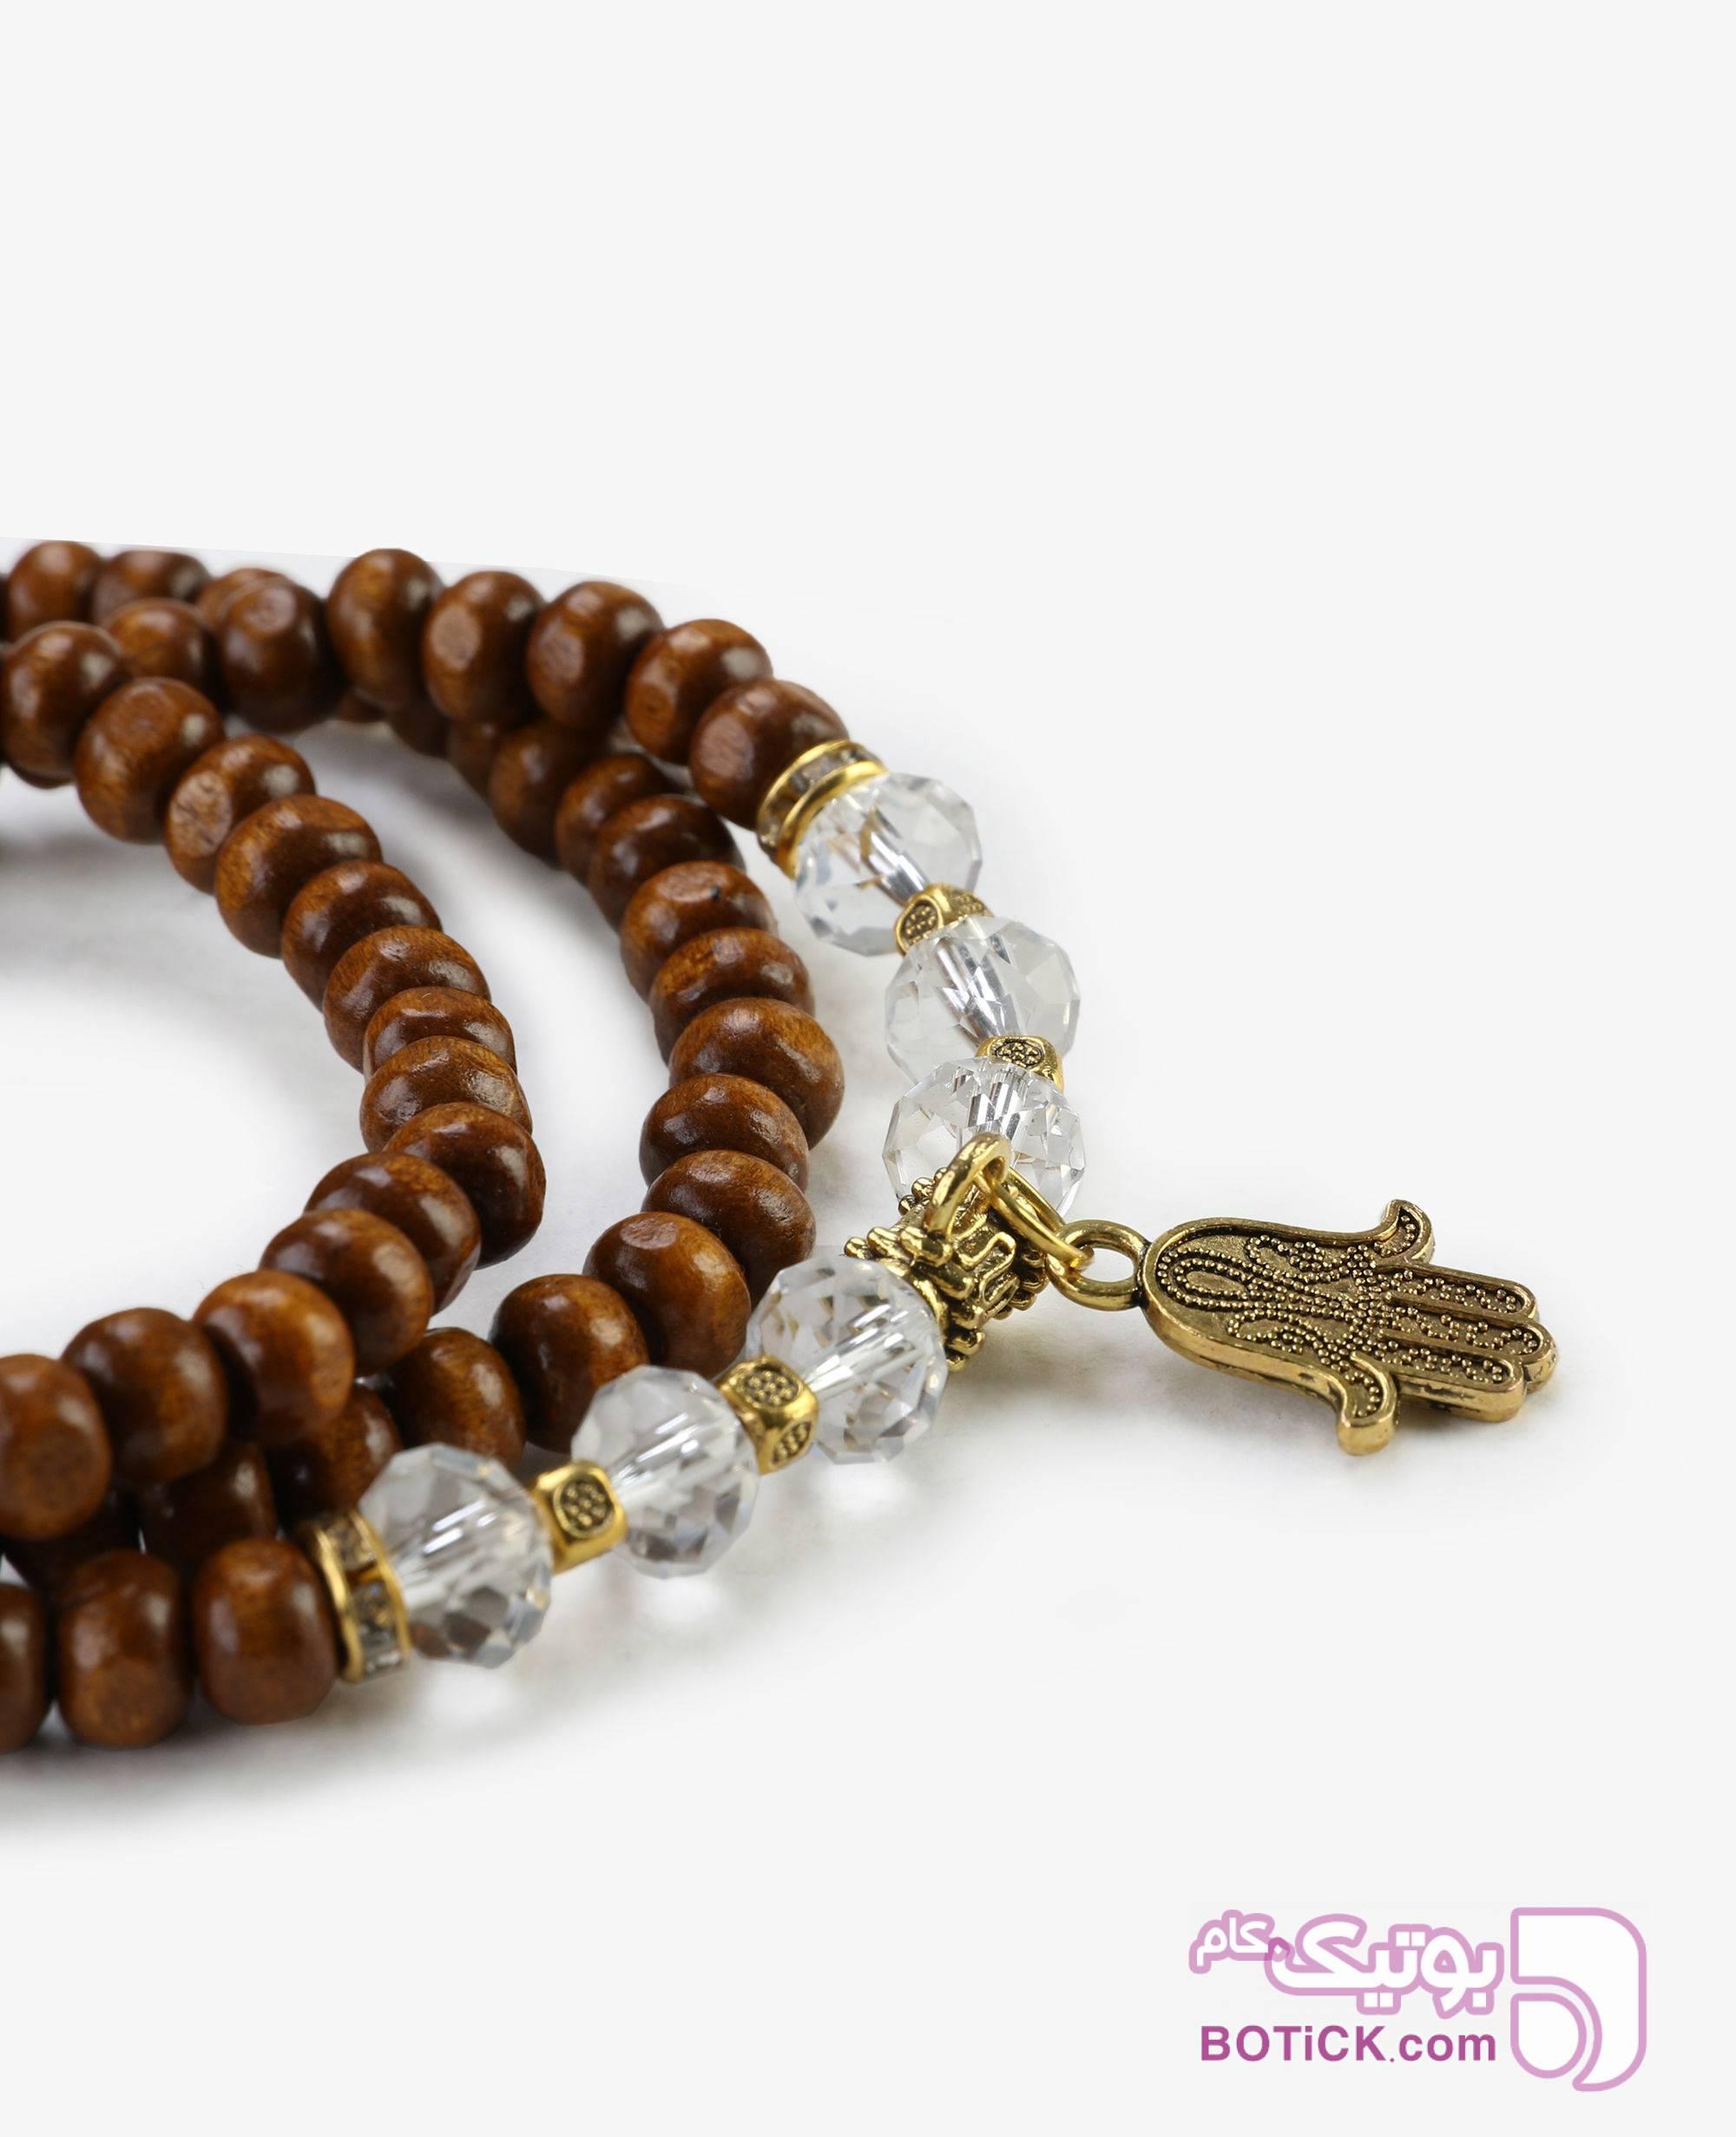 دستبند مهر ه ای چوبی و کریستال مدل 2100 قهوه ای دستبند و پابند